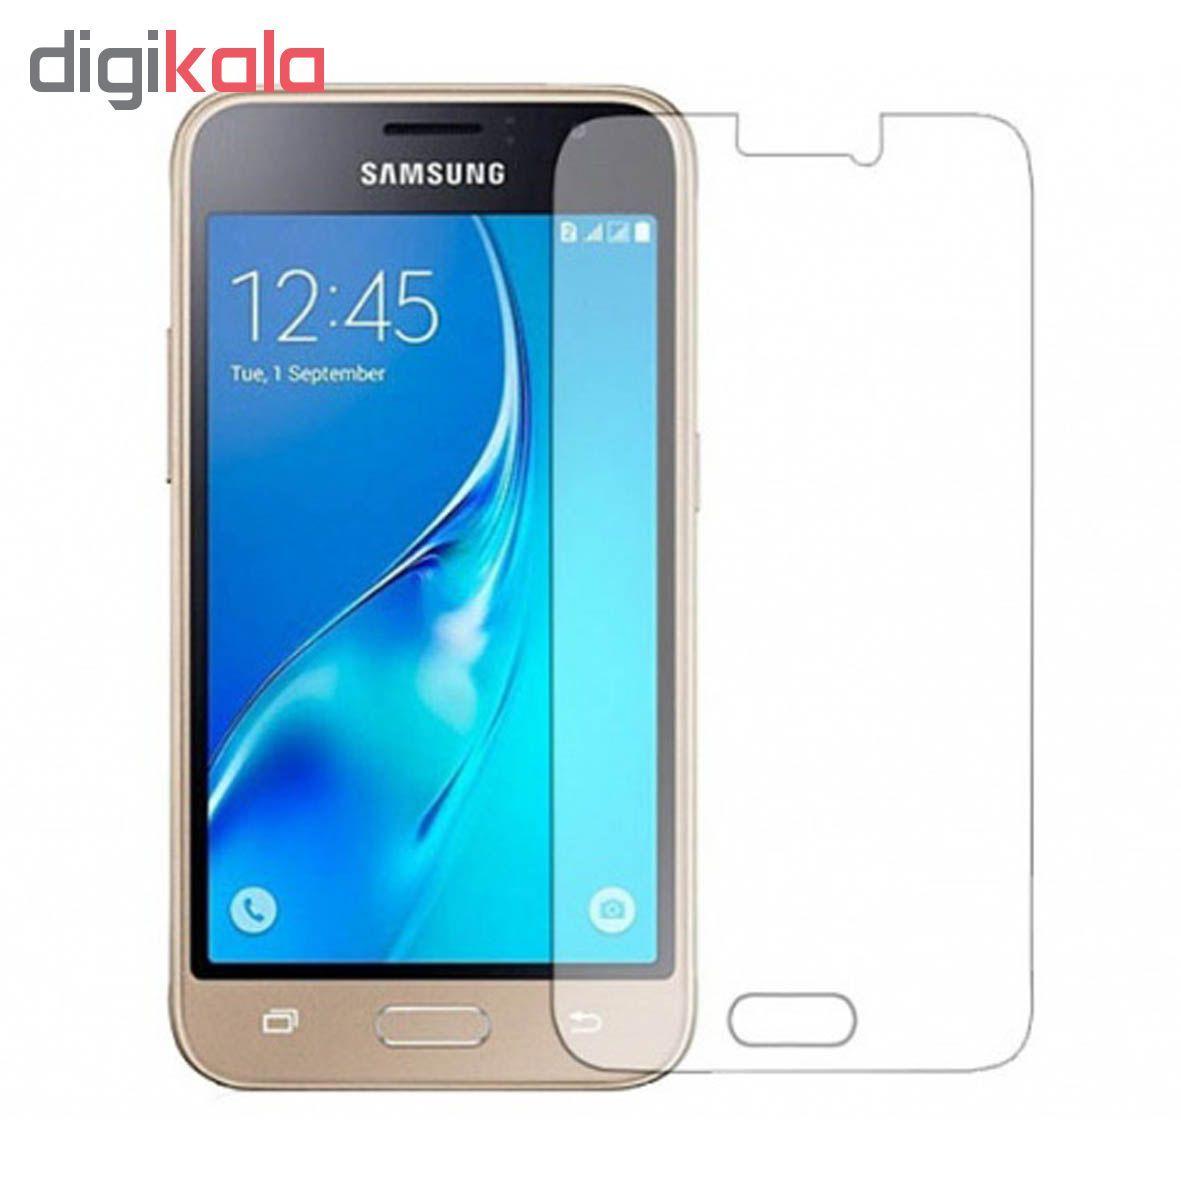 محافظ صفحه نمایش مدل 110748 مناسب برای گوشی موبایل سامسونگ Galaxy J1 2016 / J120 main 1 1